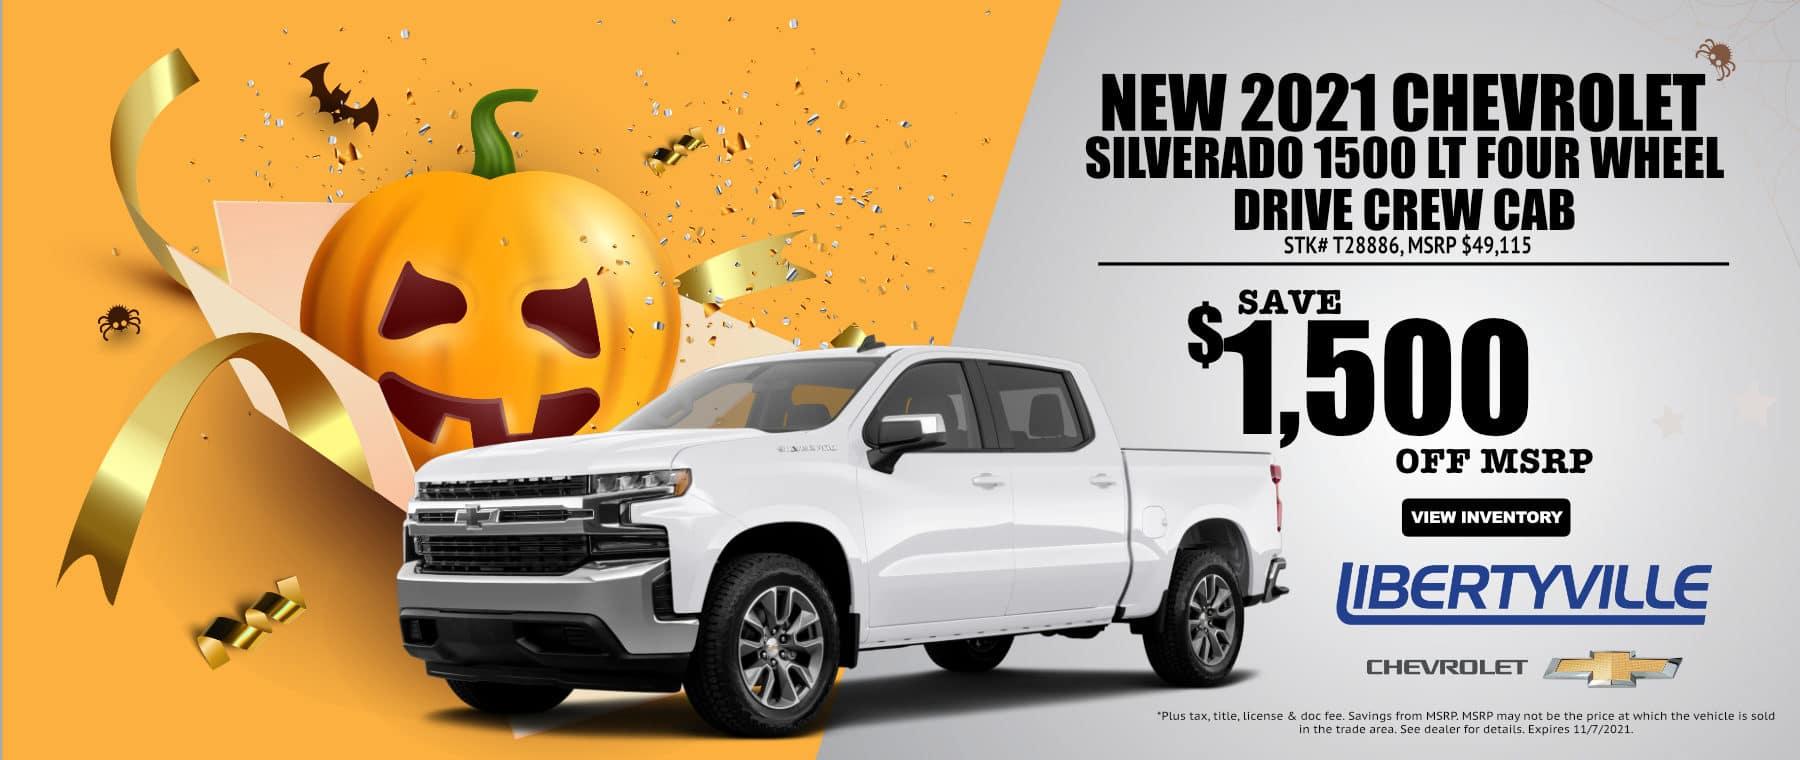 R_October_2021_Silverado_Chevrolet